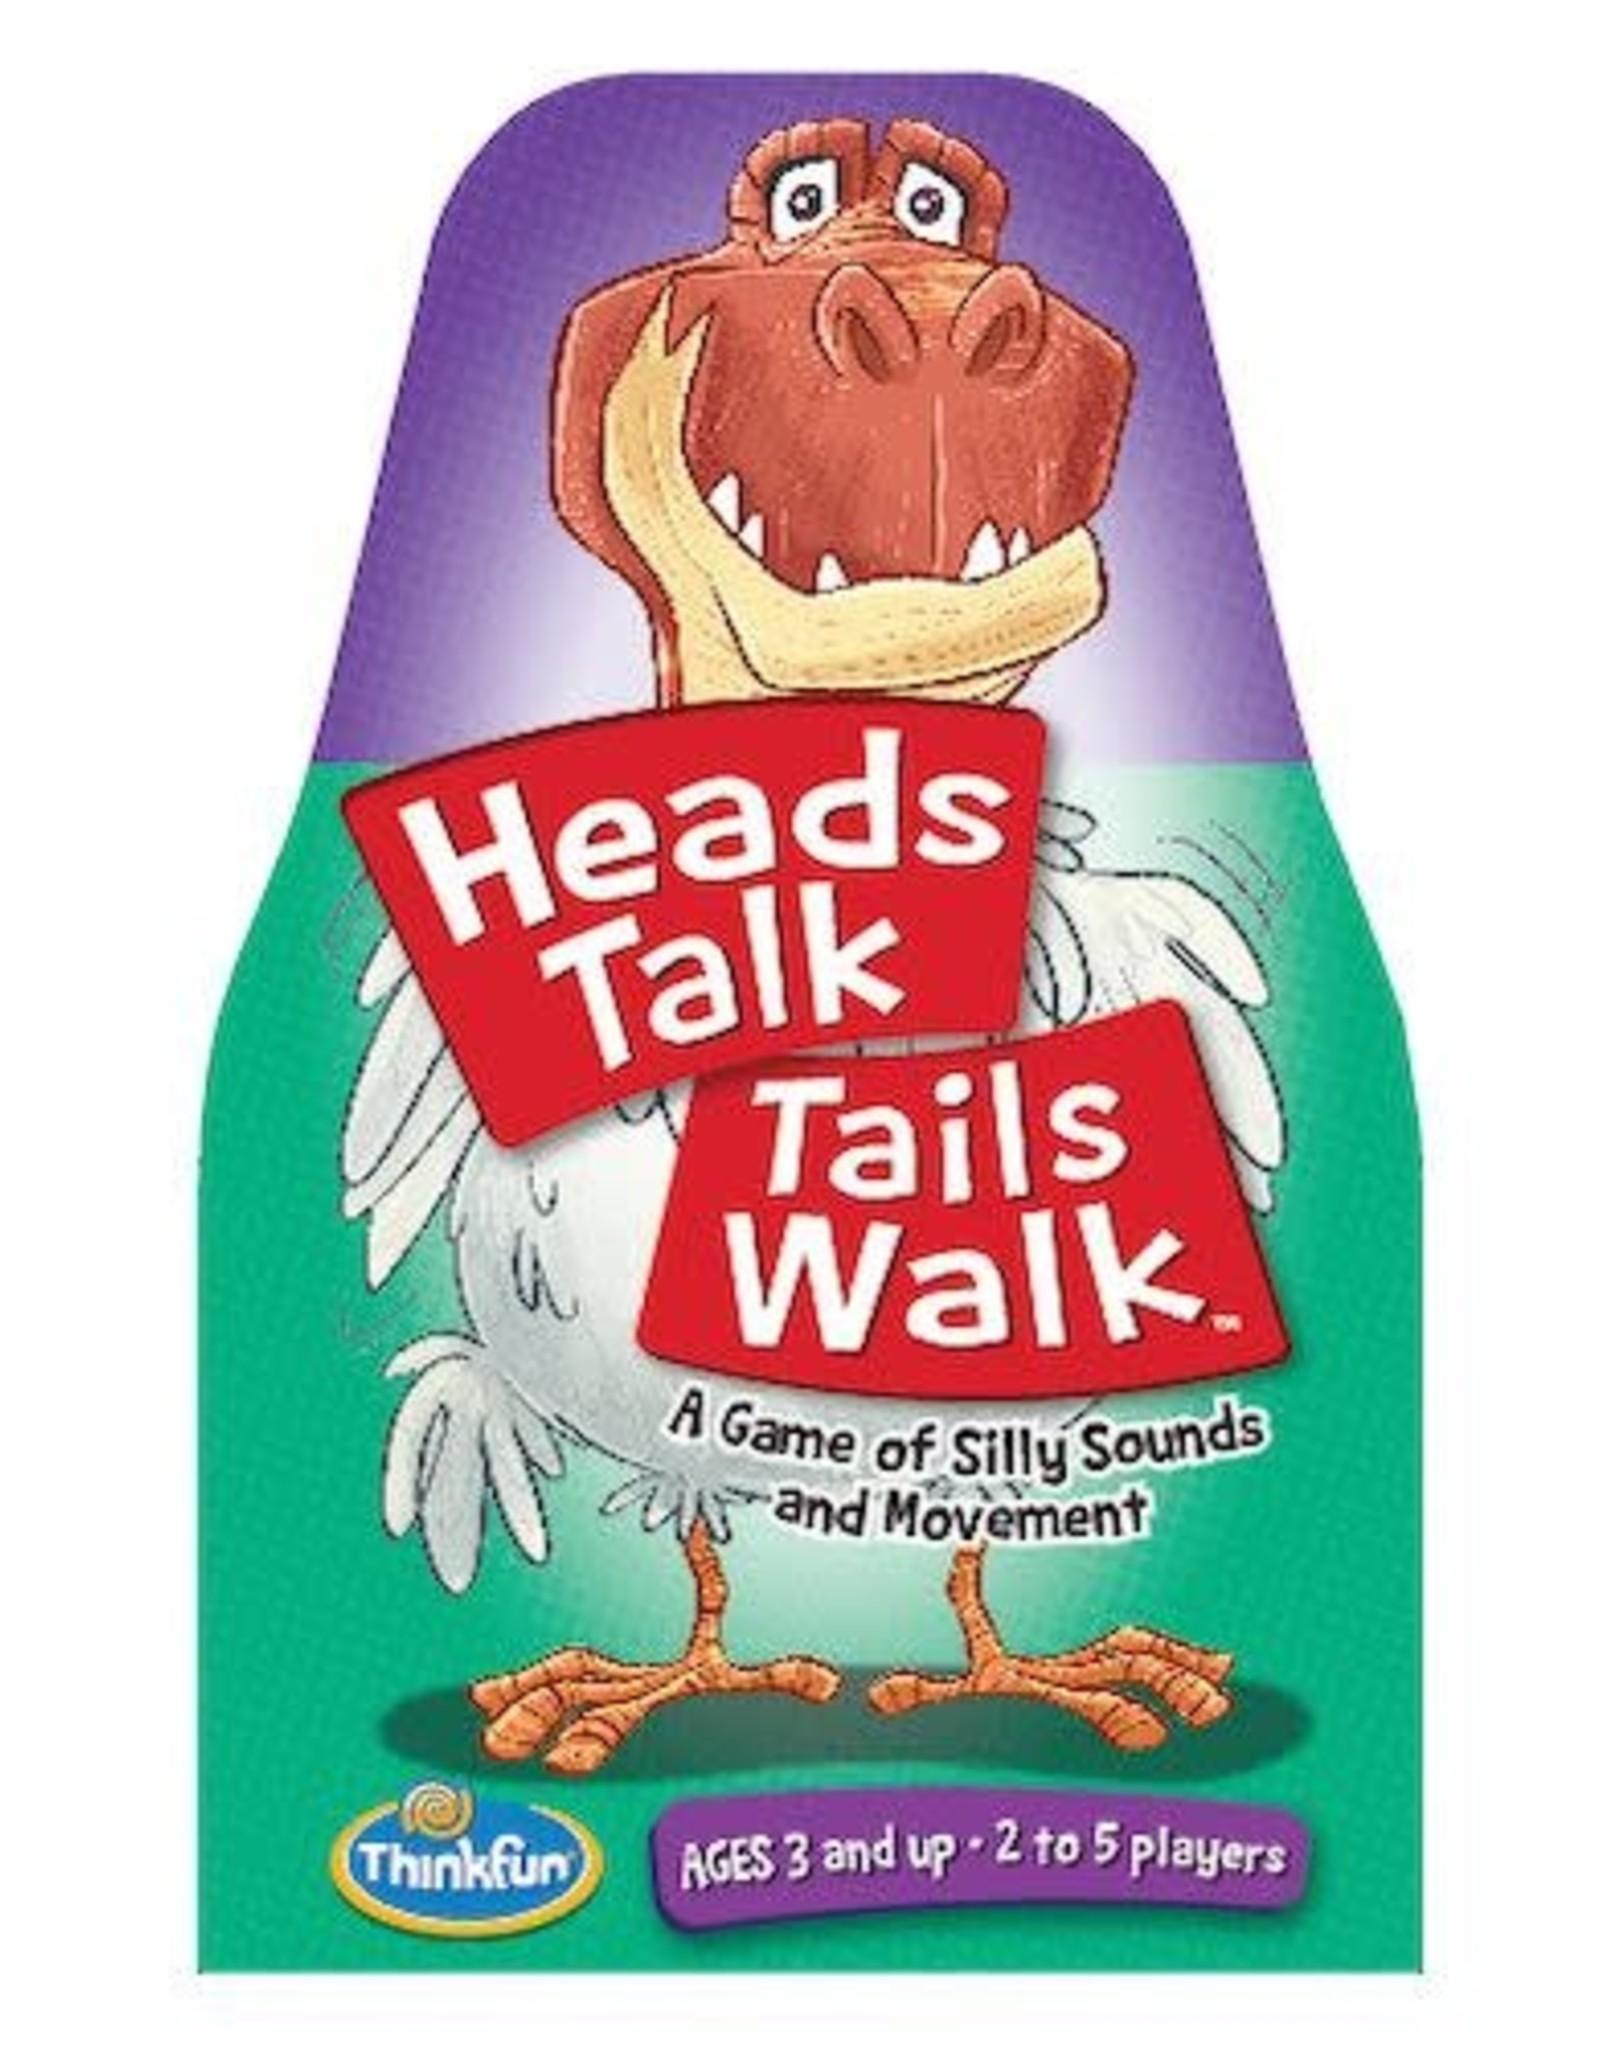 ThinkFun Heads Talk Tails Walk